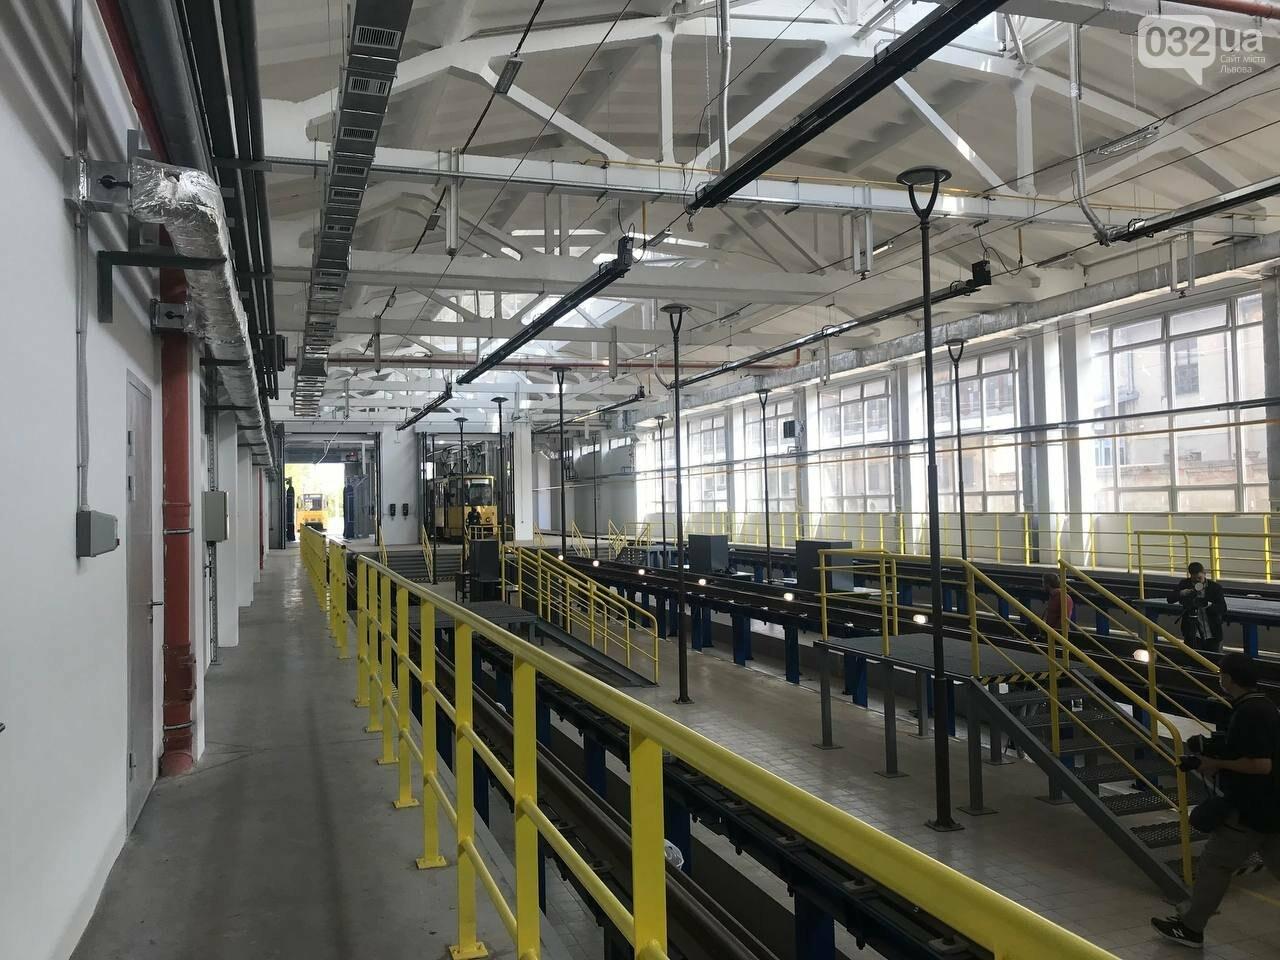 Як виглядає оновлене трамвайне депо на Промисловій, - ФОТО, ВІДЕО, фото-2